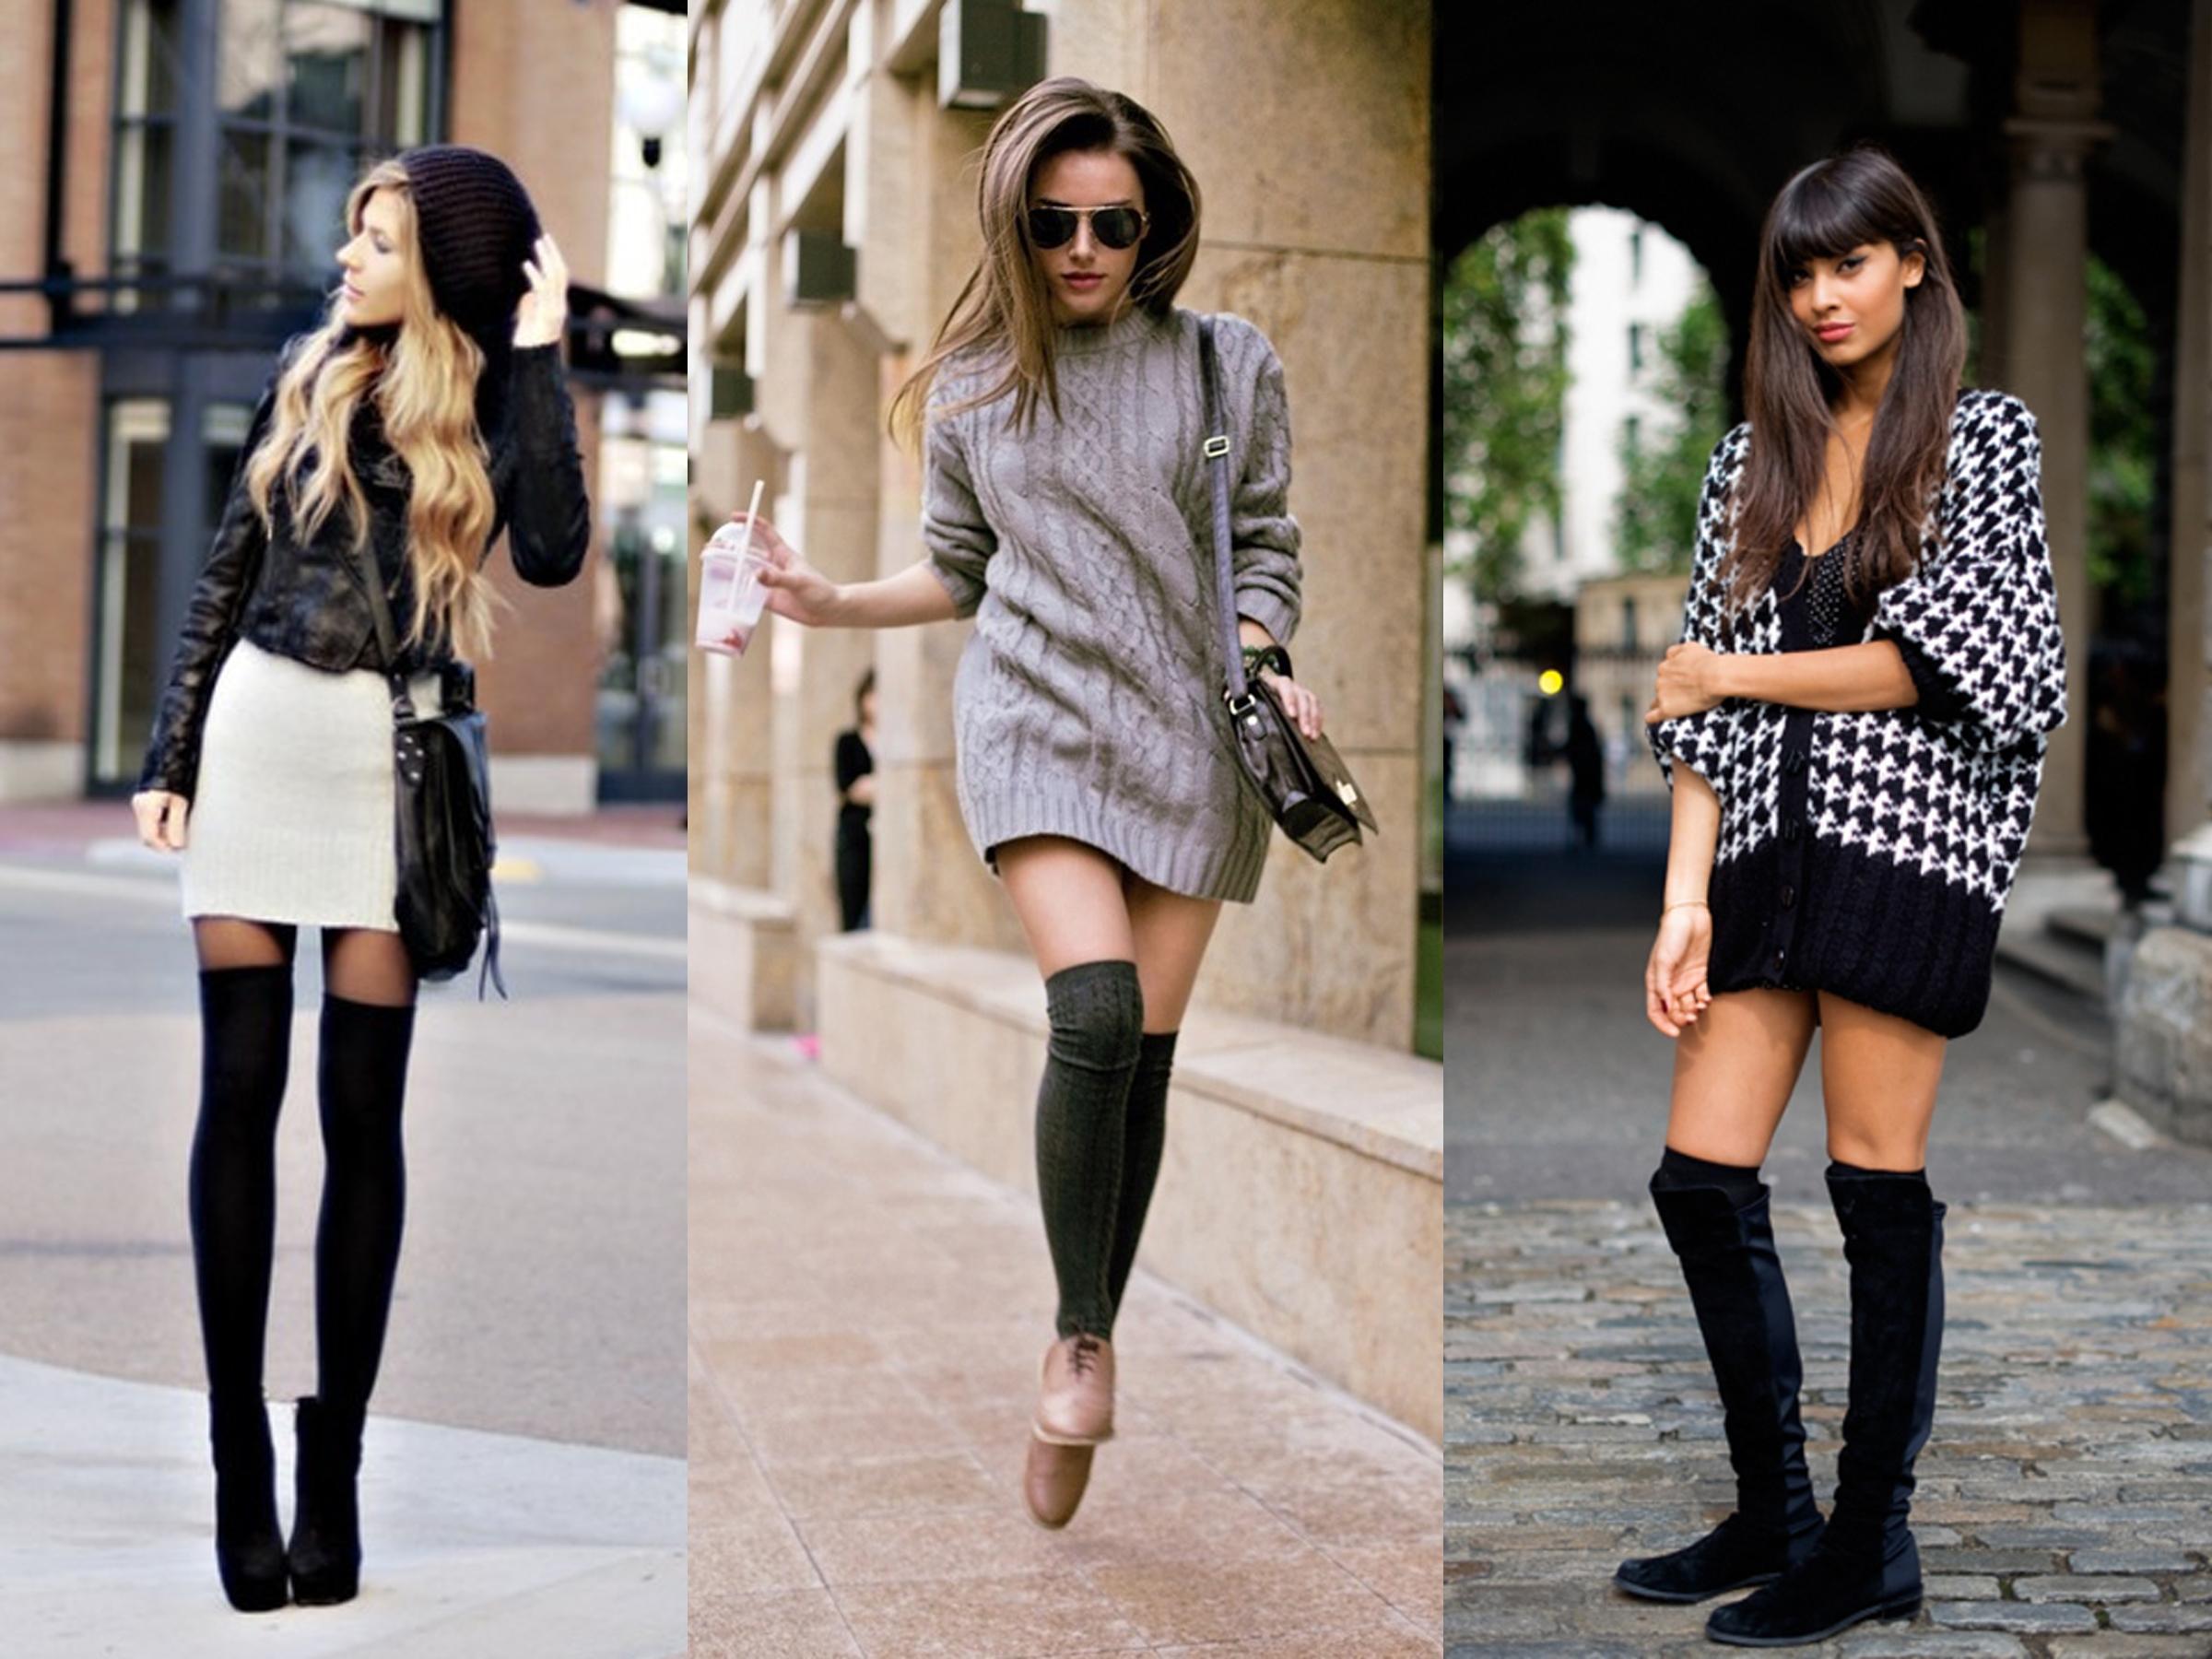 Teenage fashion photo